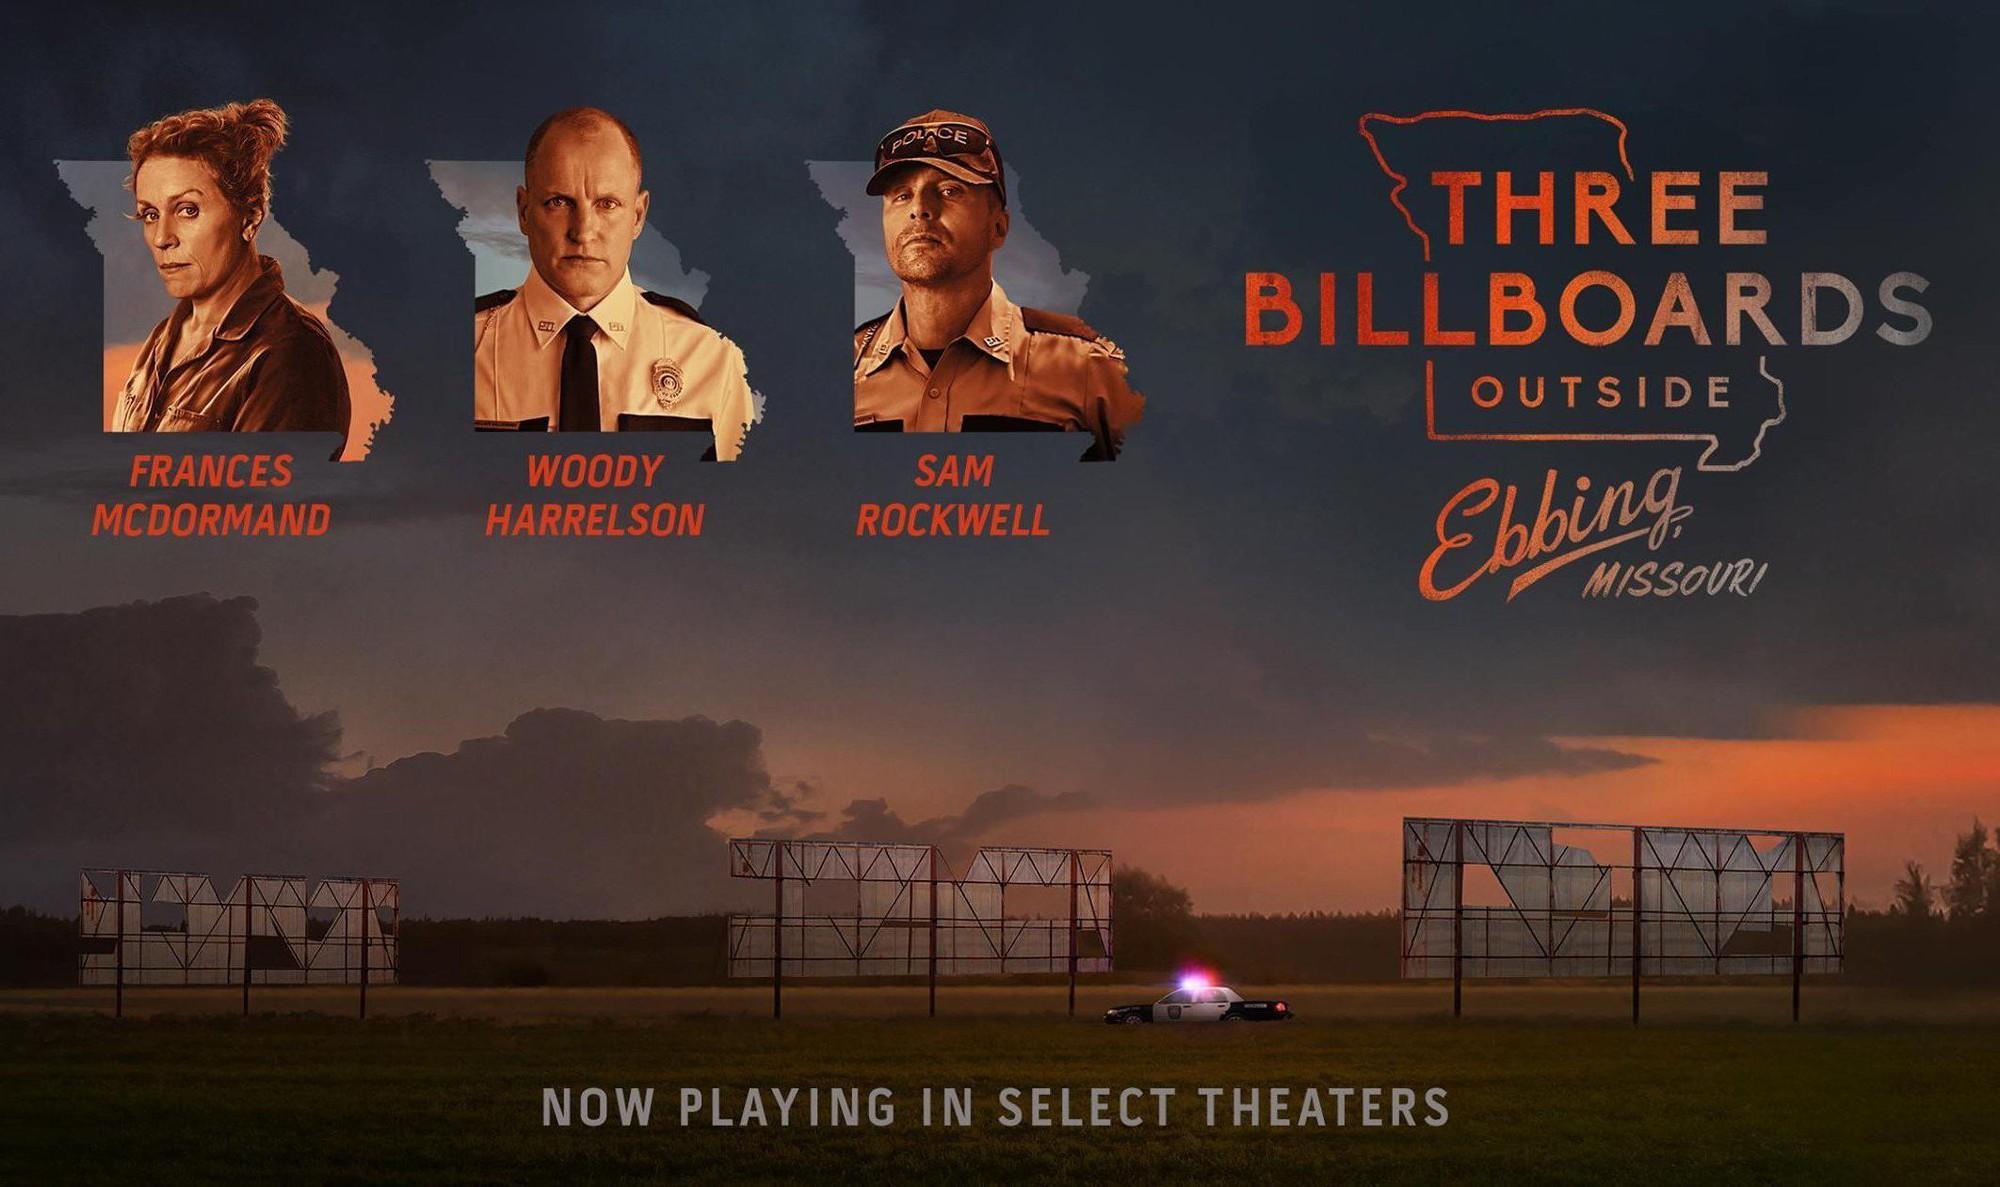 هجویه ای موفق بر نظام آمریکا - نقد فیلم «سه بیلبورد خارج از ابینگ،میزوری»